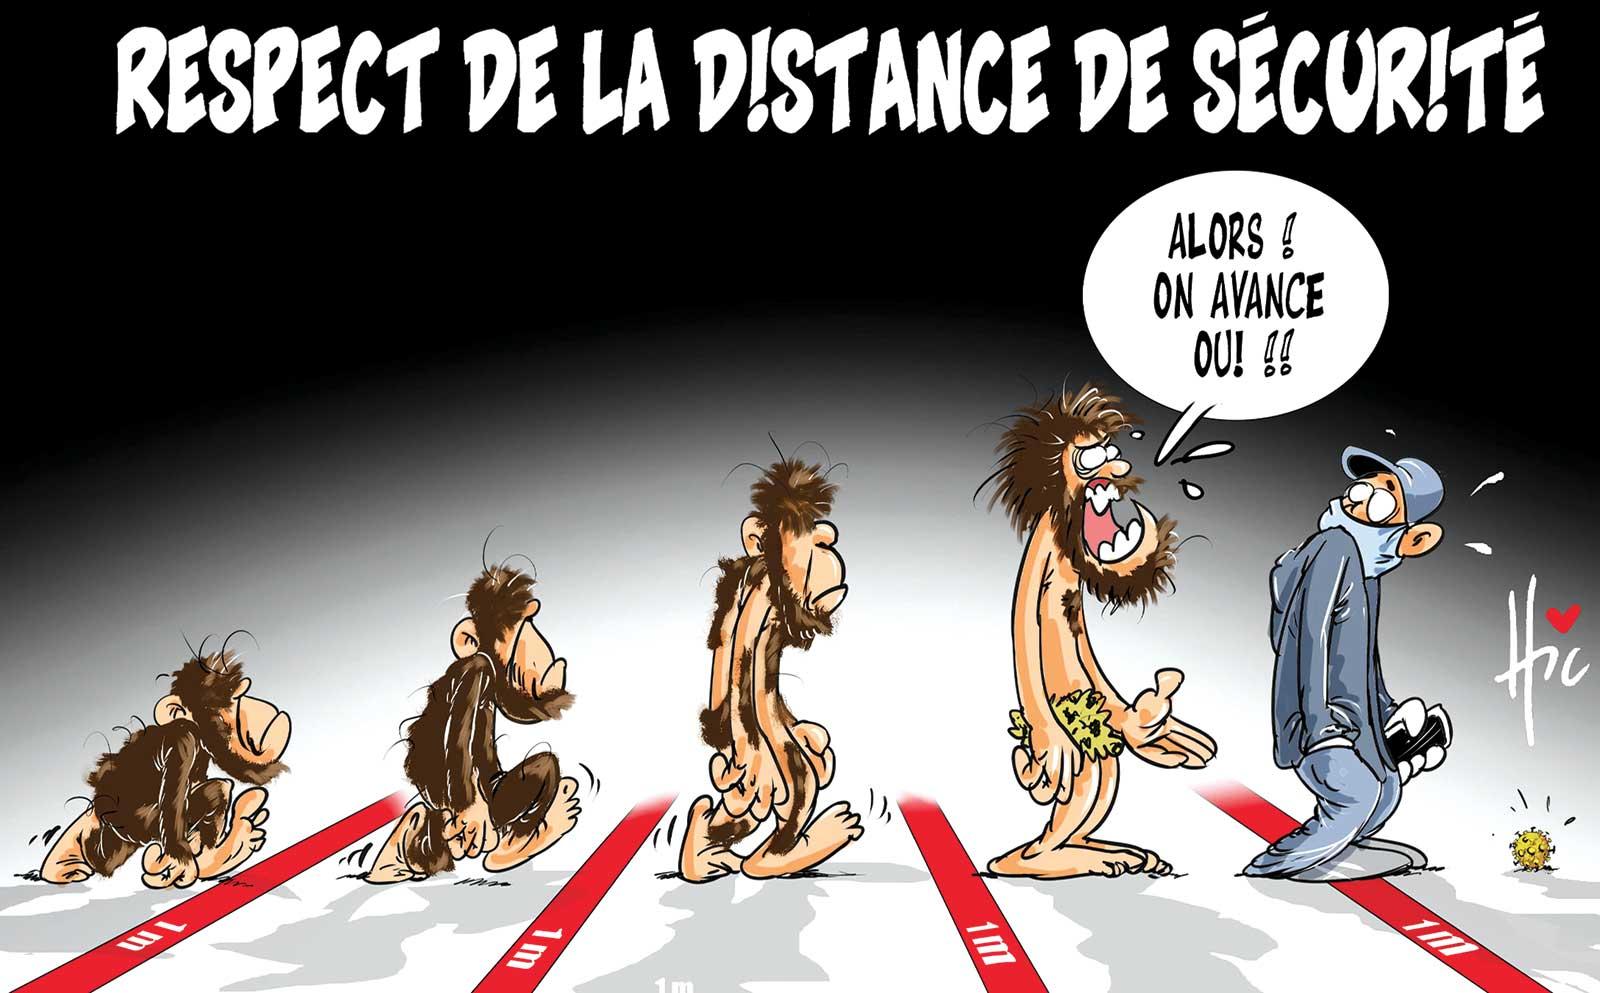 Respect de la distance de sécurité - Dessins et Caricatures, Le Hic - El Watan - Gagdz.com